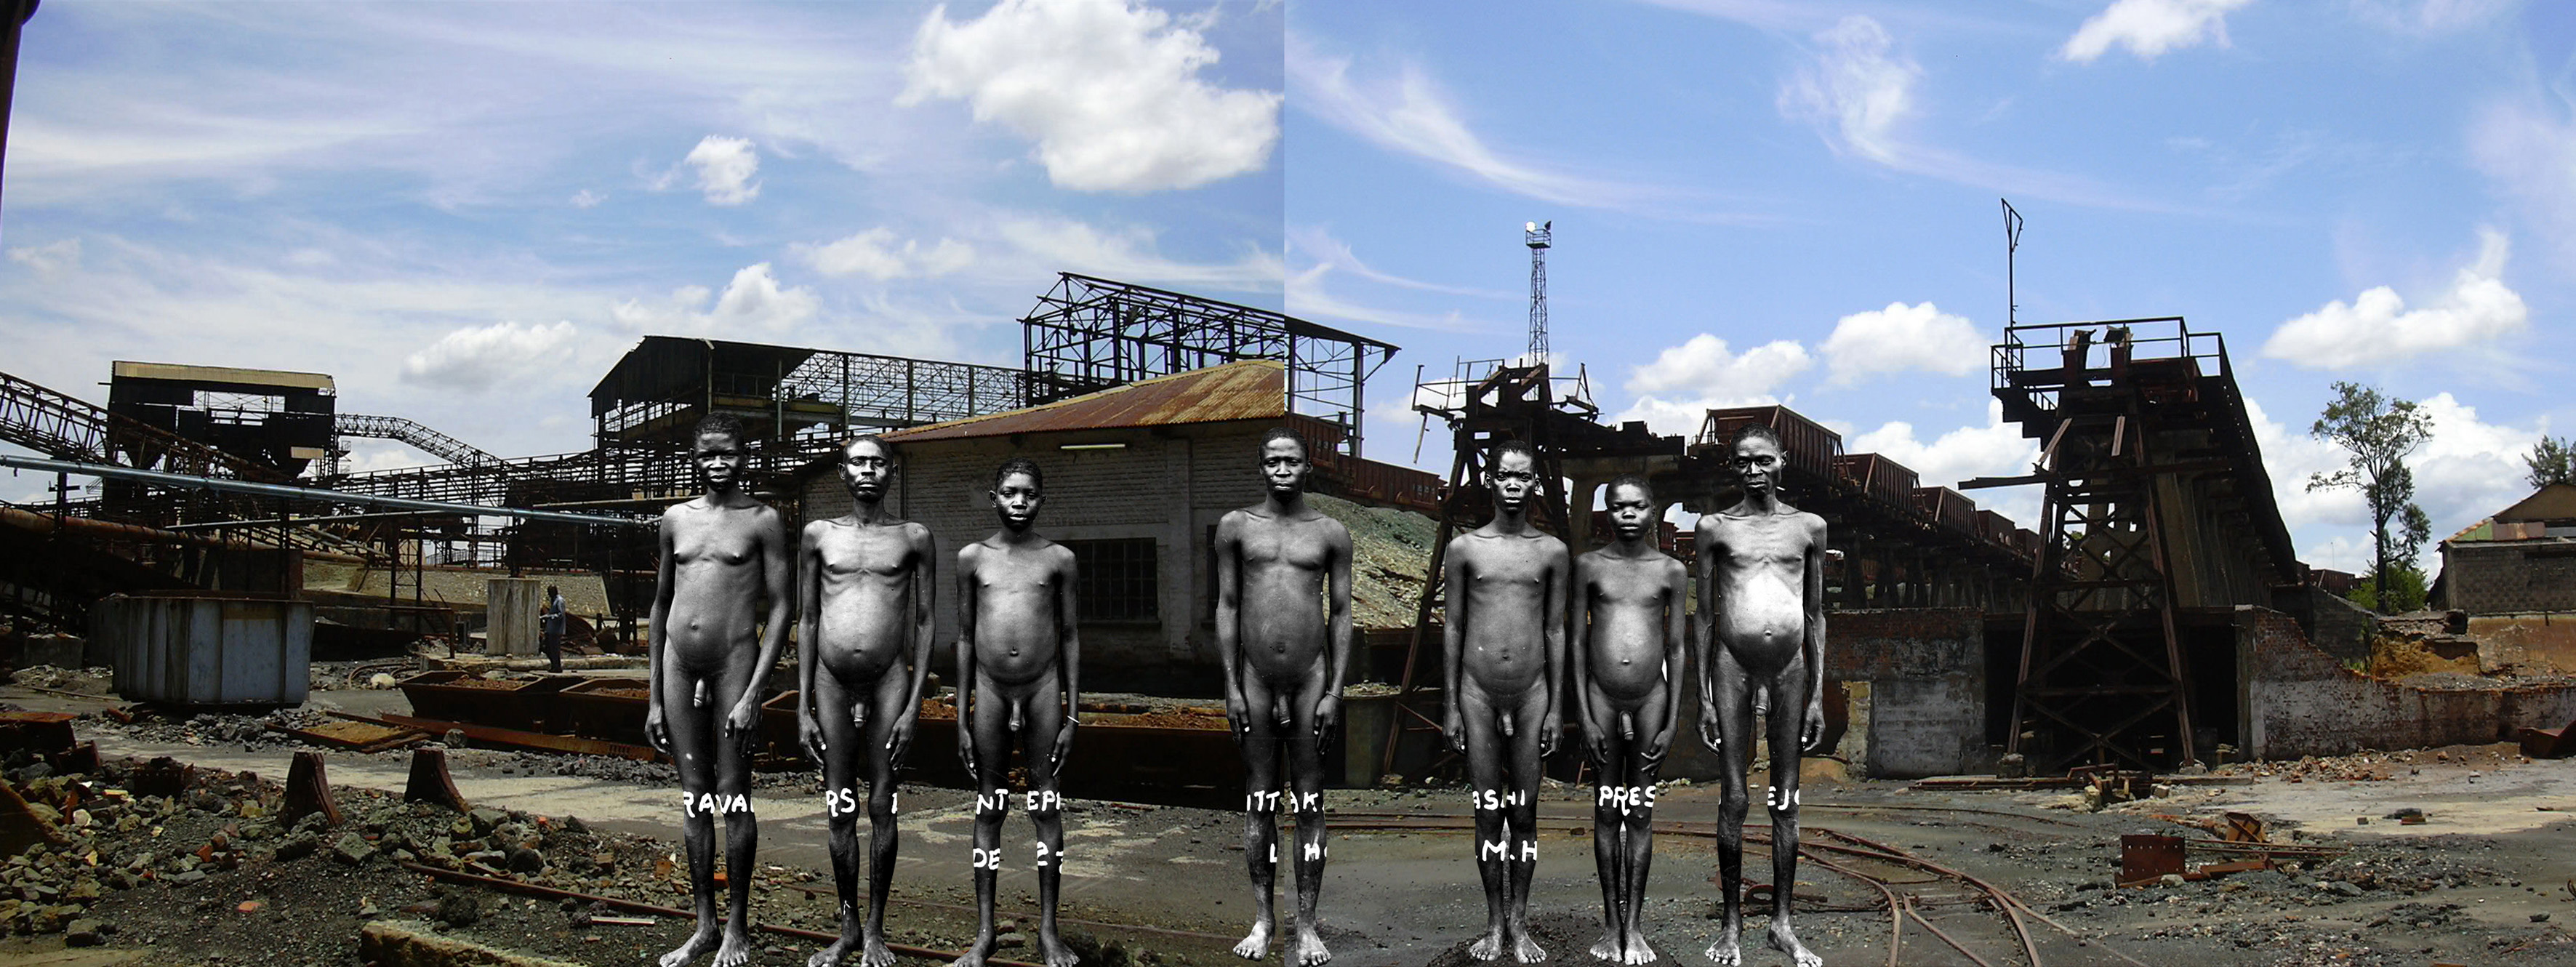 Sammy Baloji  Series: Memory 2006, Katanga, Congo